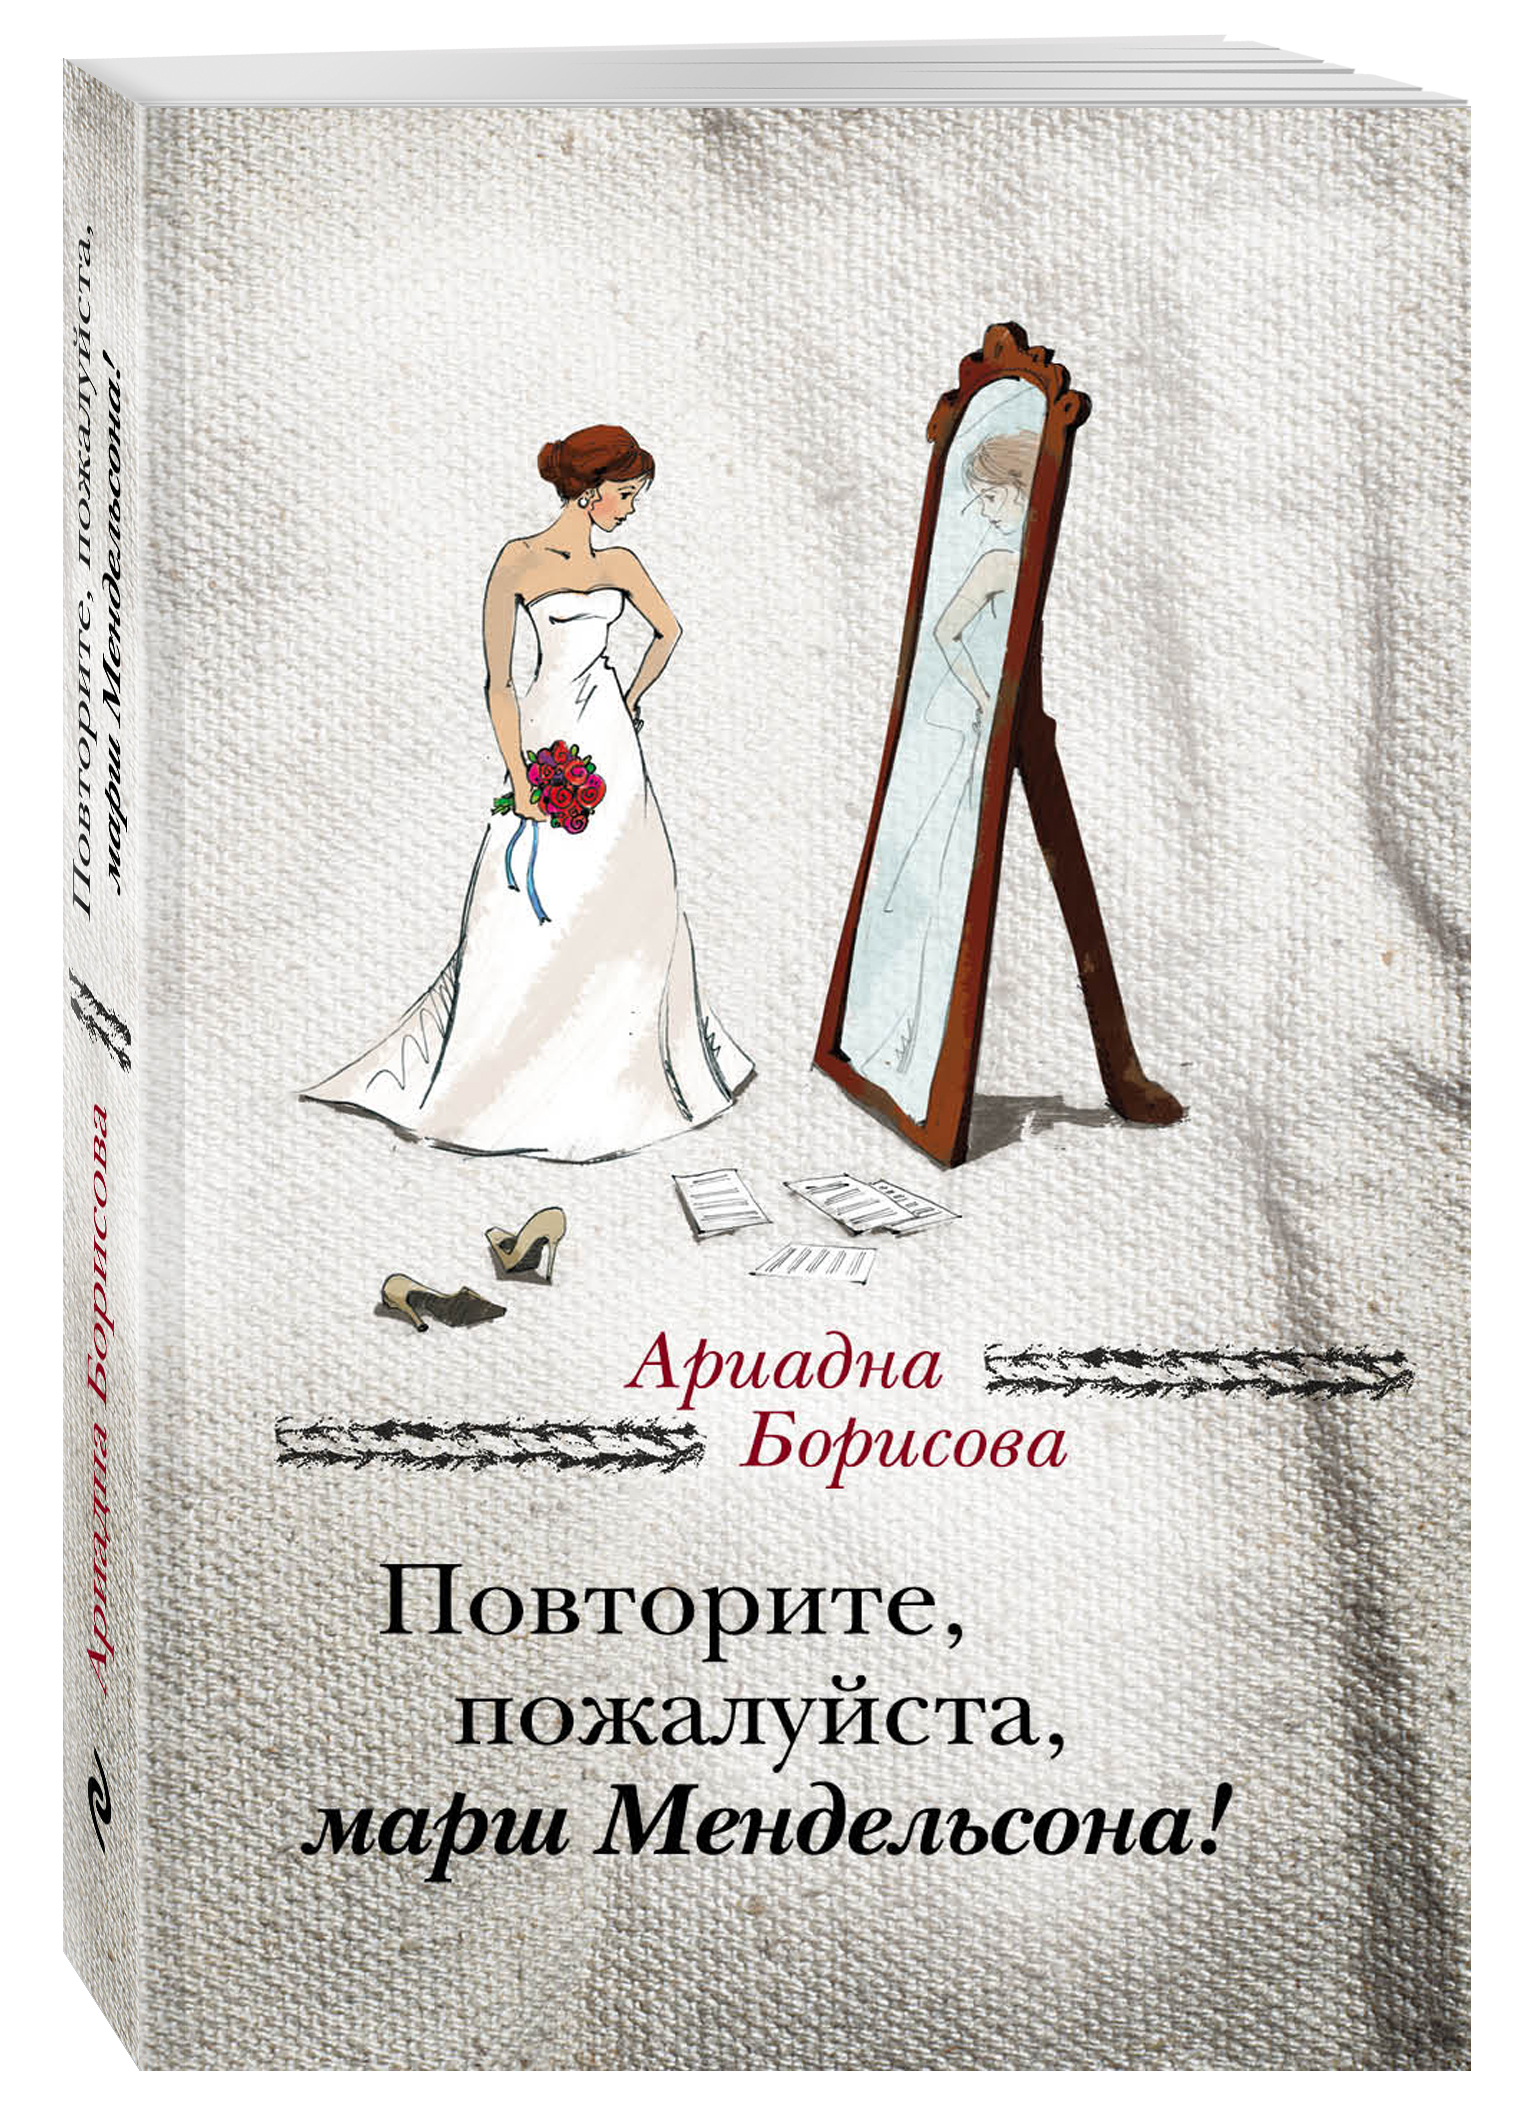 Борисова А. Повторите, пожалуйста, марш Мендельсона